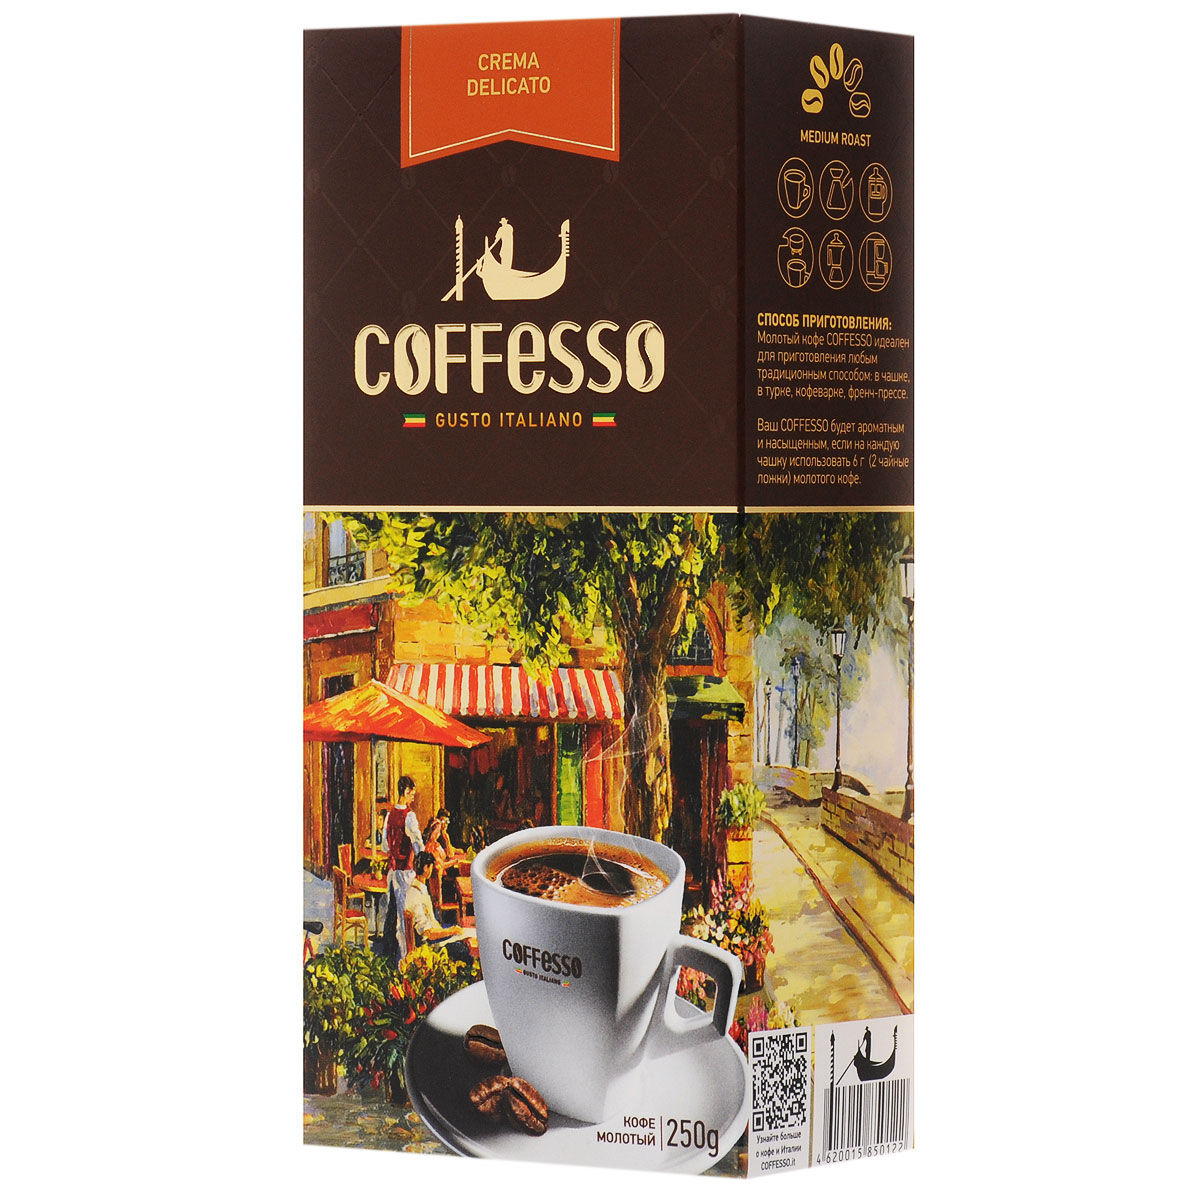 Coffesso Crema Delicato кофе молотый, 250 г0120710Сбалансированная обжарка отборных сортов кофе Coffesso Crema Delicato создает изысканный вкус и утонченный аромат. Идеально сочетается со сливками или молоком.